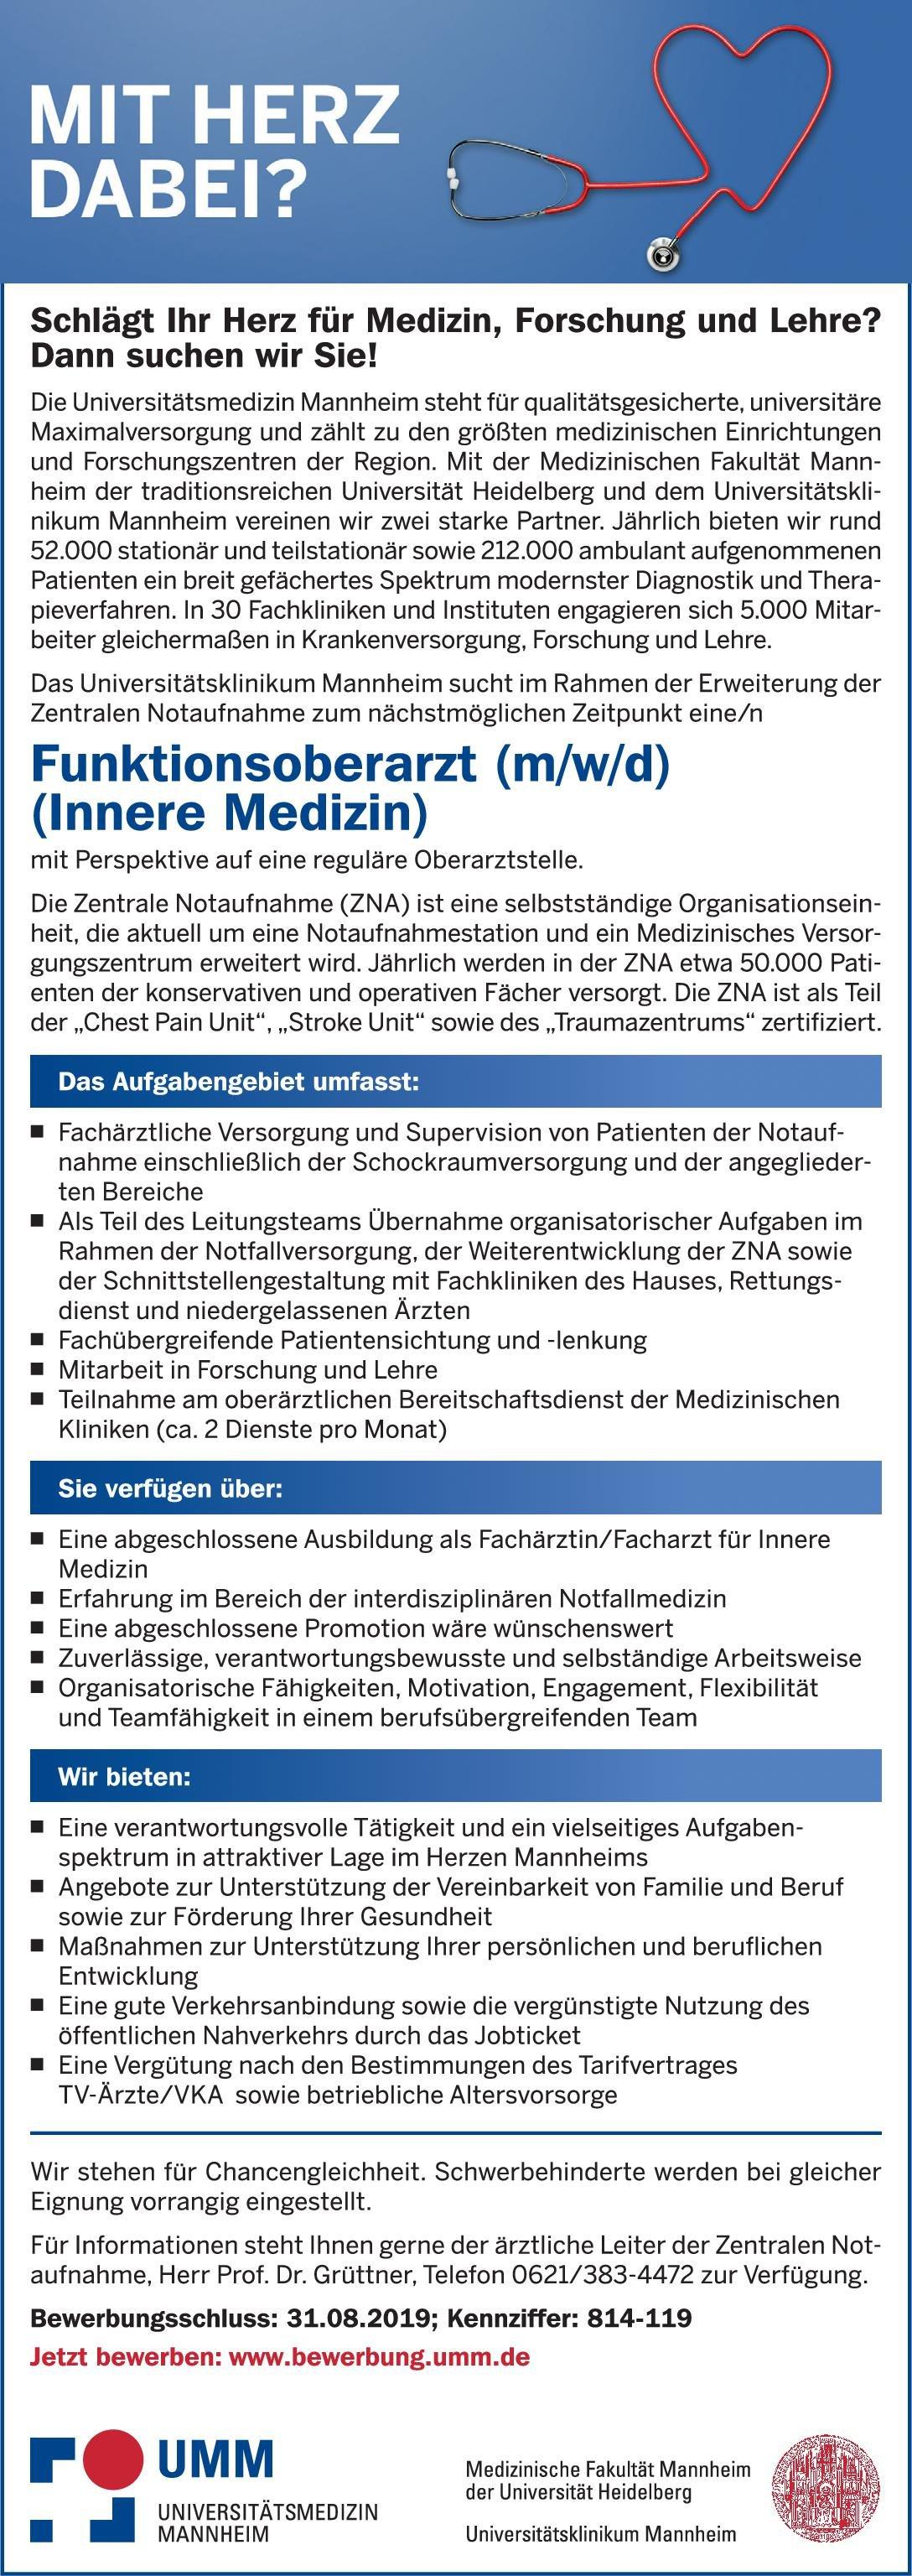 Universitätsklinikum Mannheim Funktionsoberarzt (m/w/d) (Innere Medizin)  Innere Medizin, Innere Medizin Oberarzt